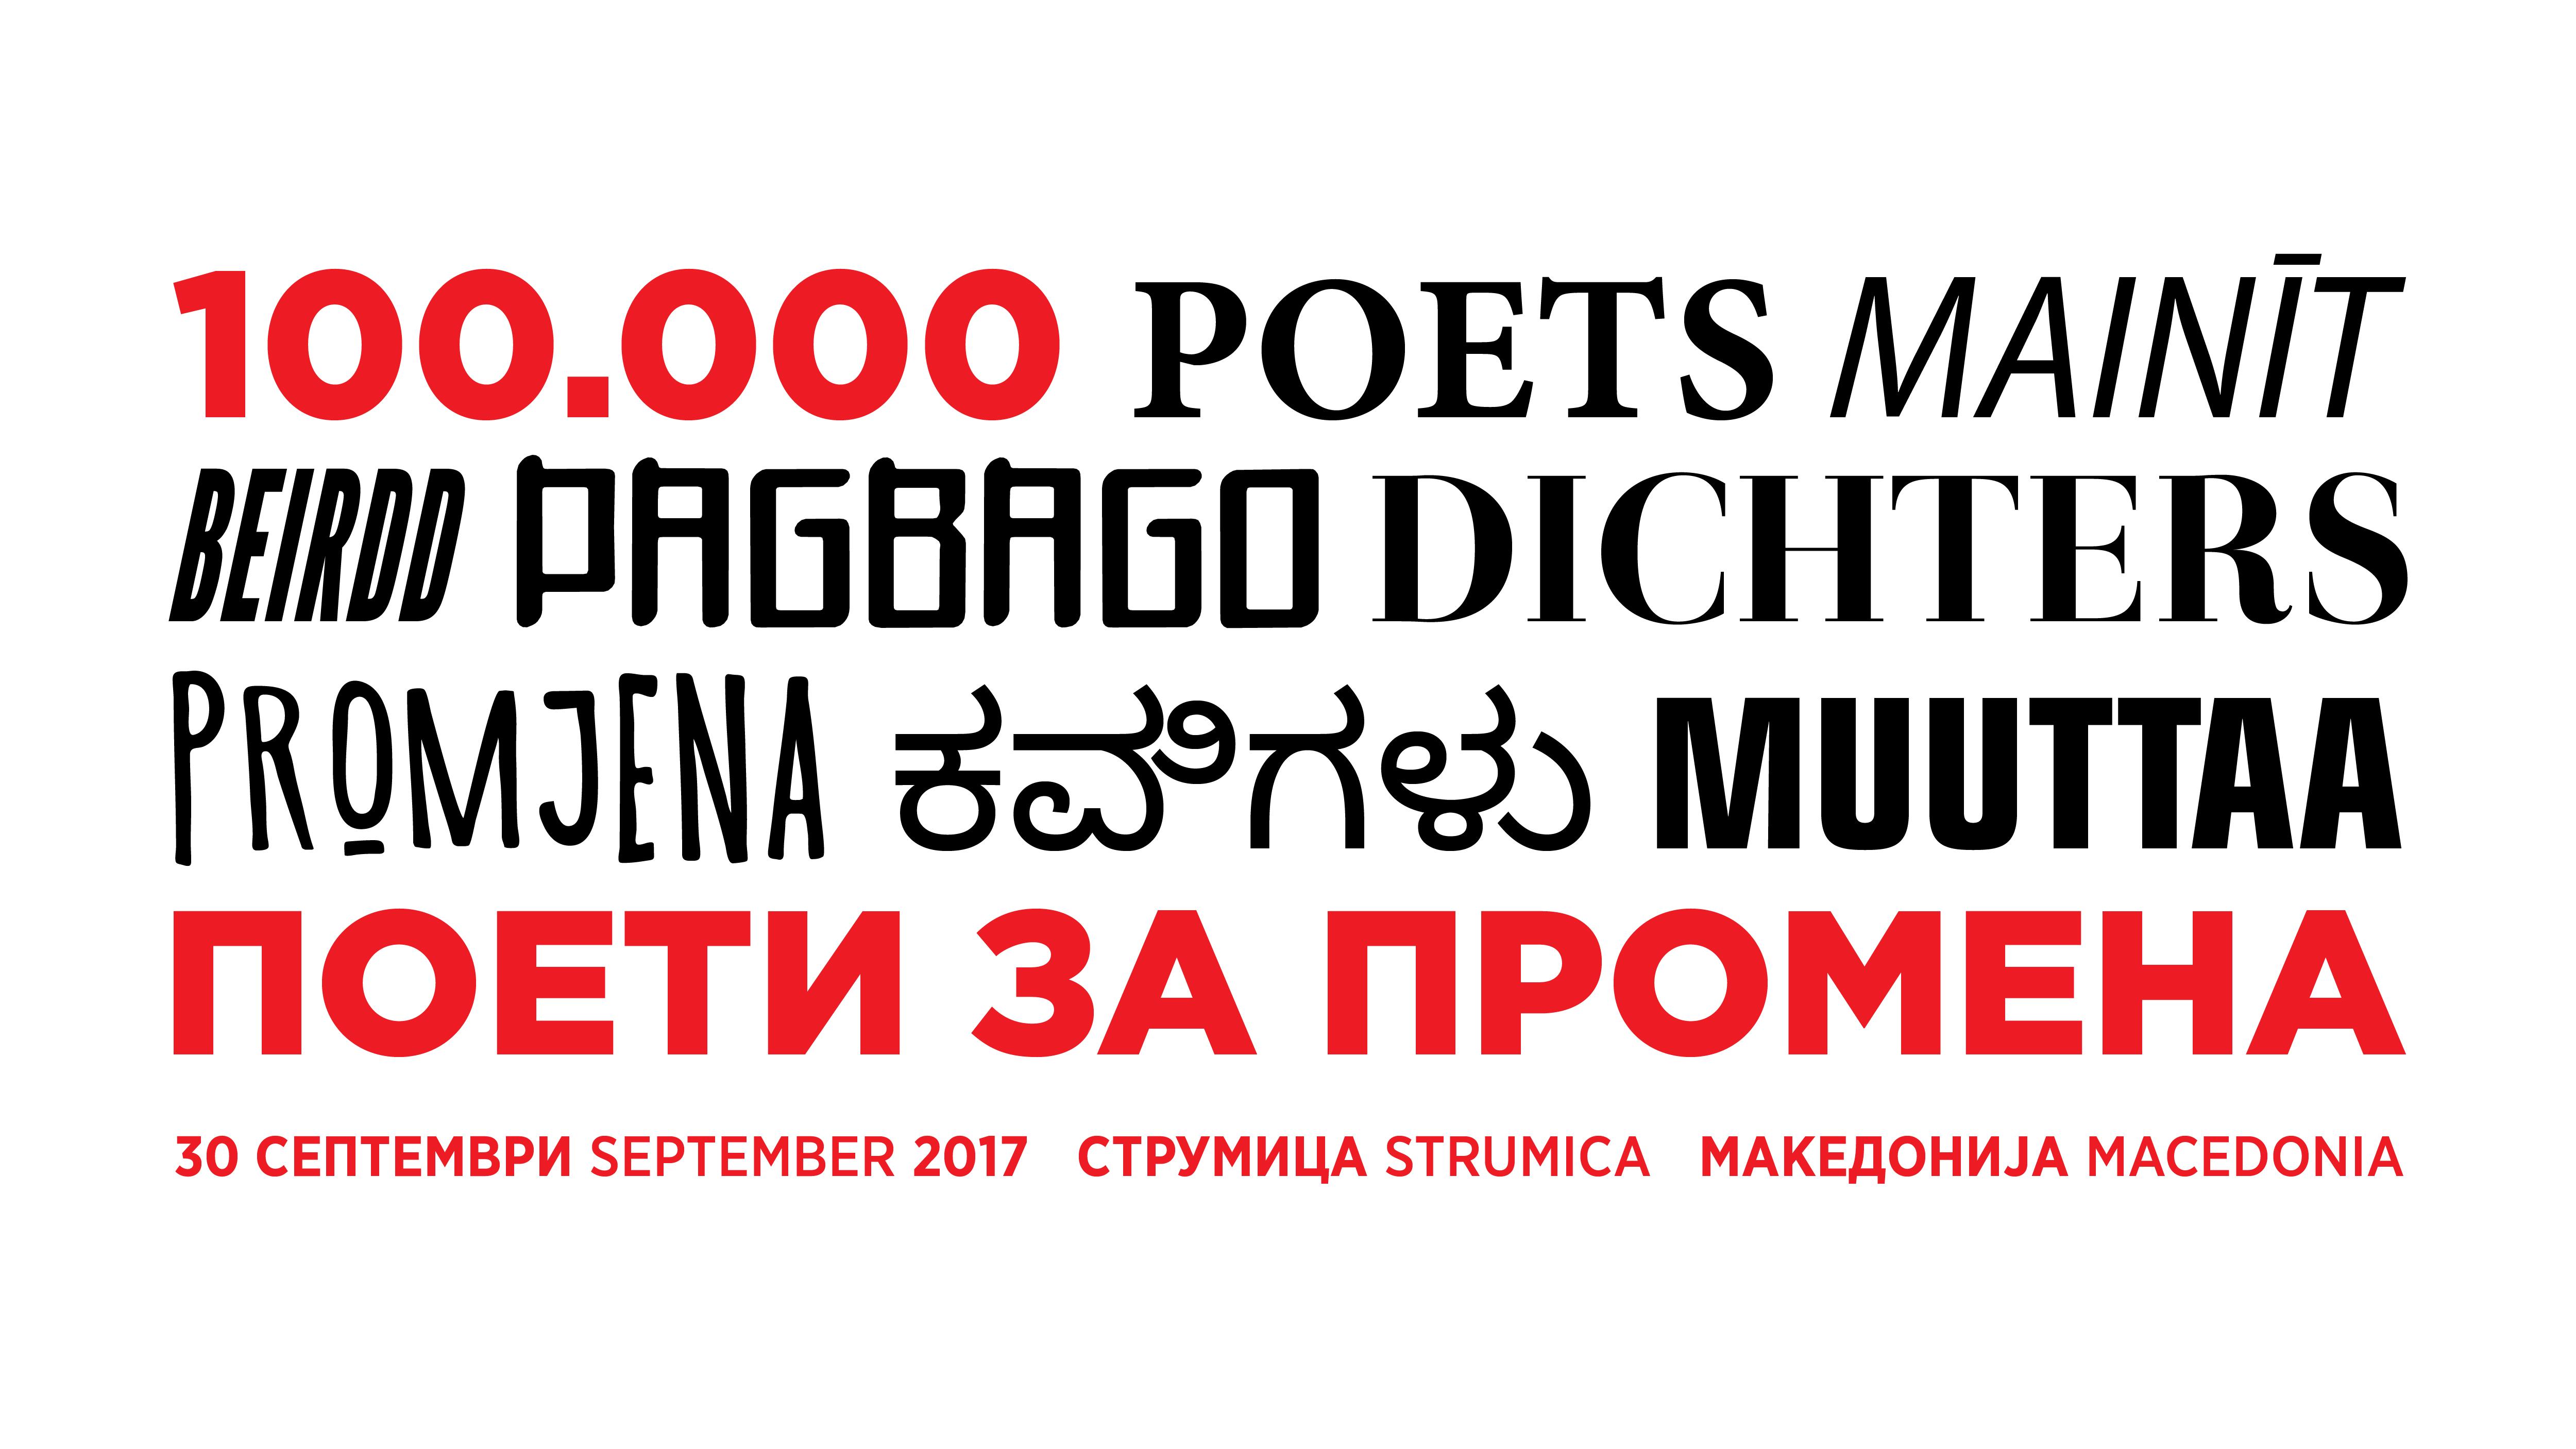 Конкурси за поезија и плакат во рамки на  Сто илјади поети за промена